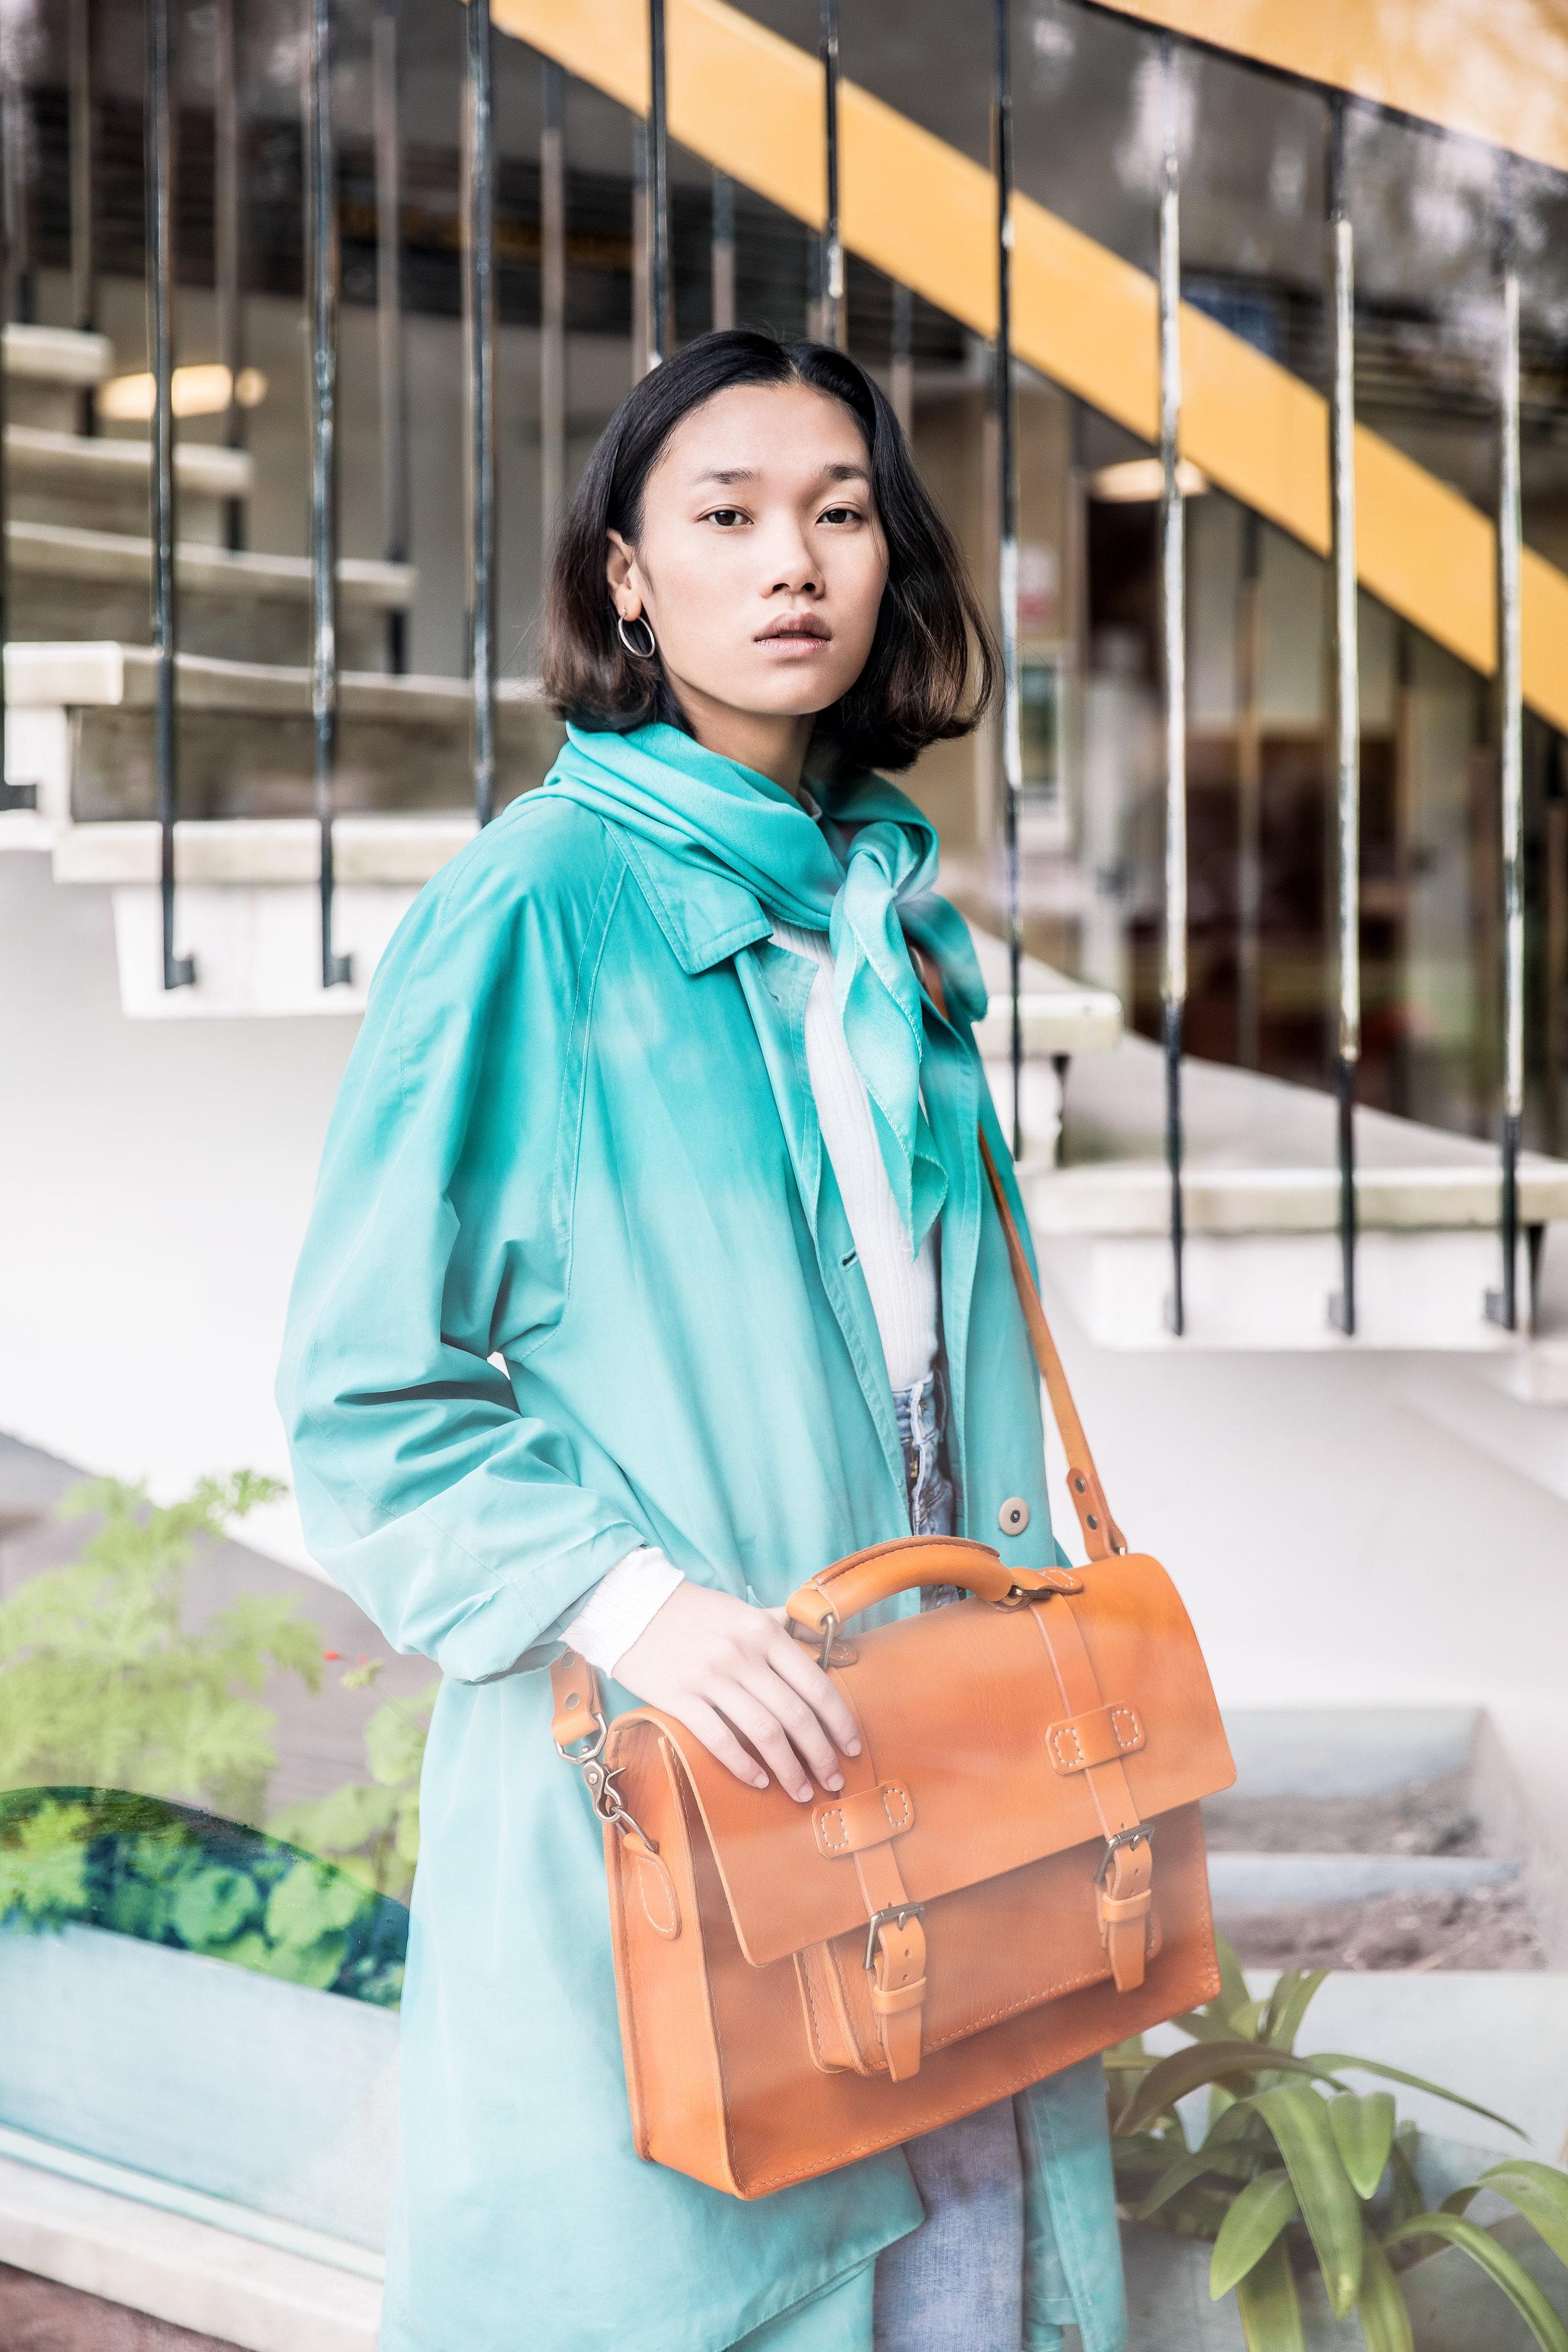 Vegetable tanned handmade messenger bag on model